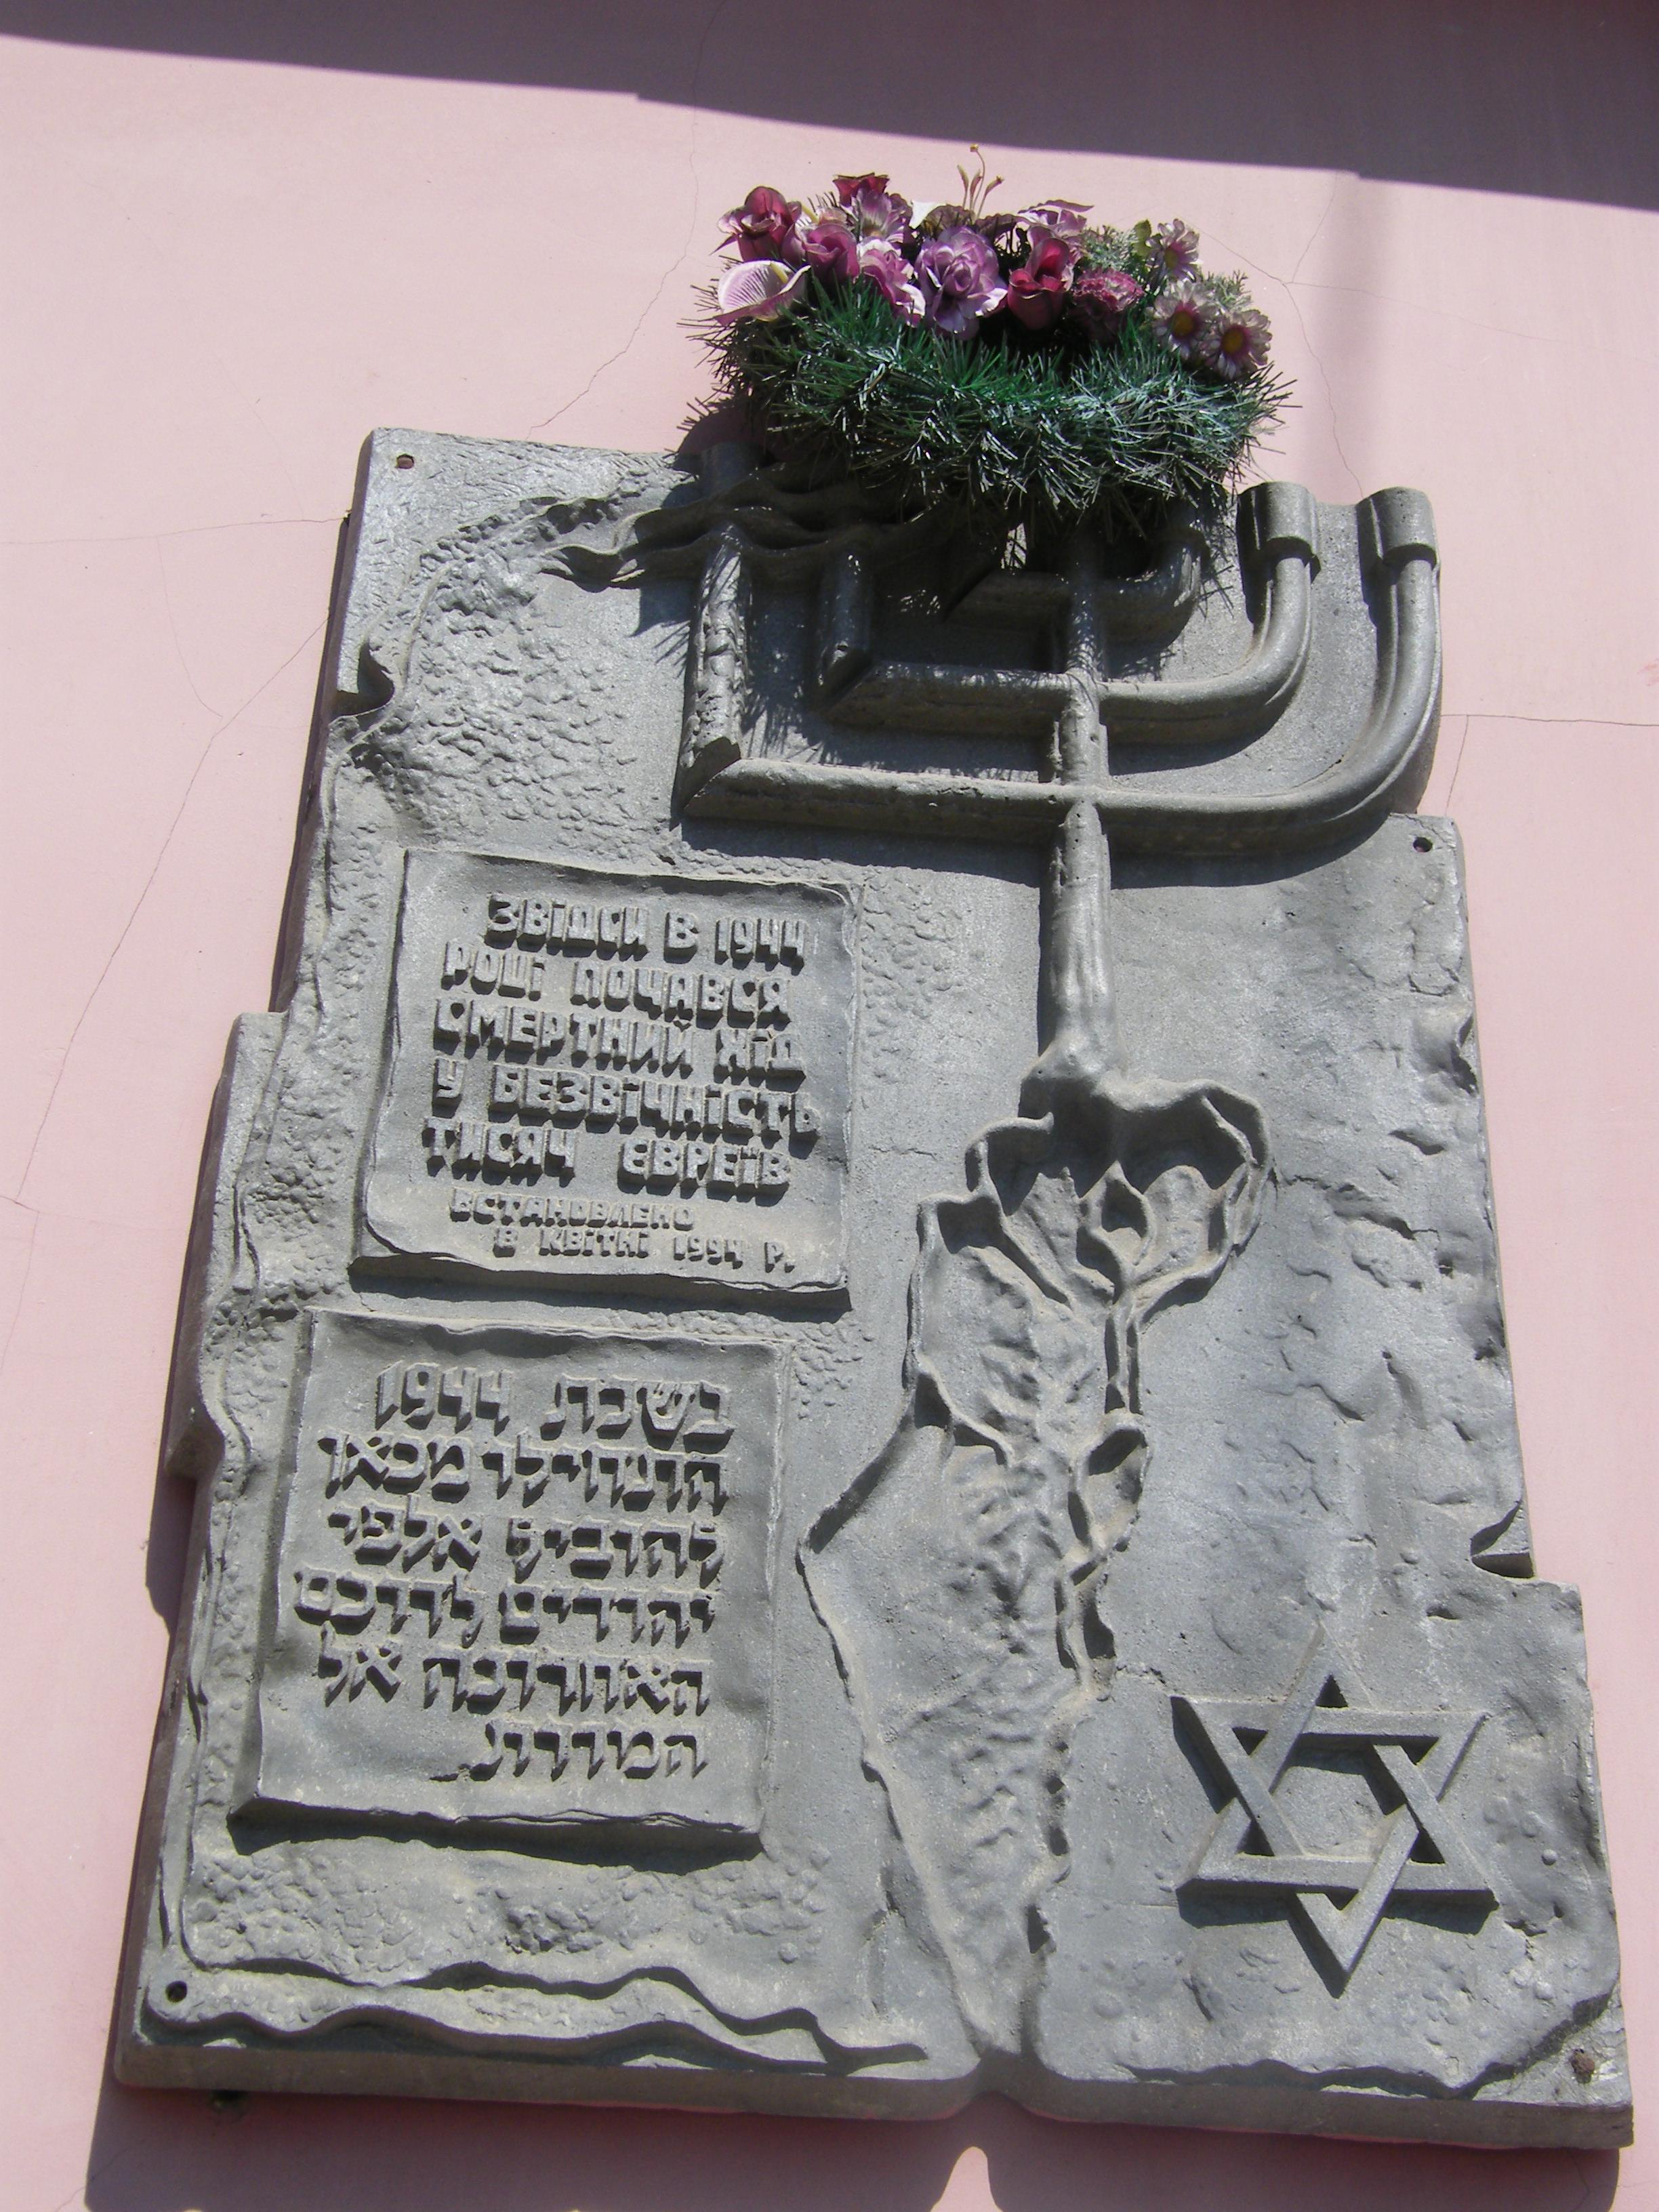 A zsidó mártírok emléktáblája.JPG